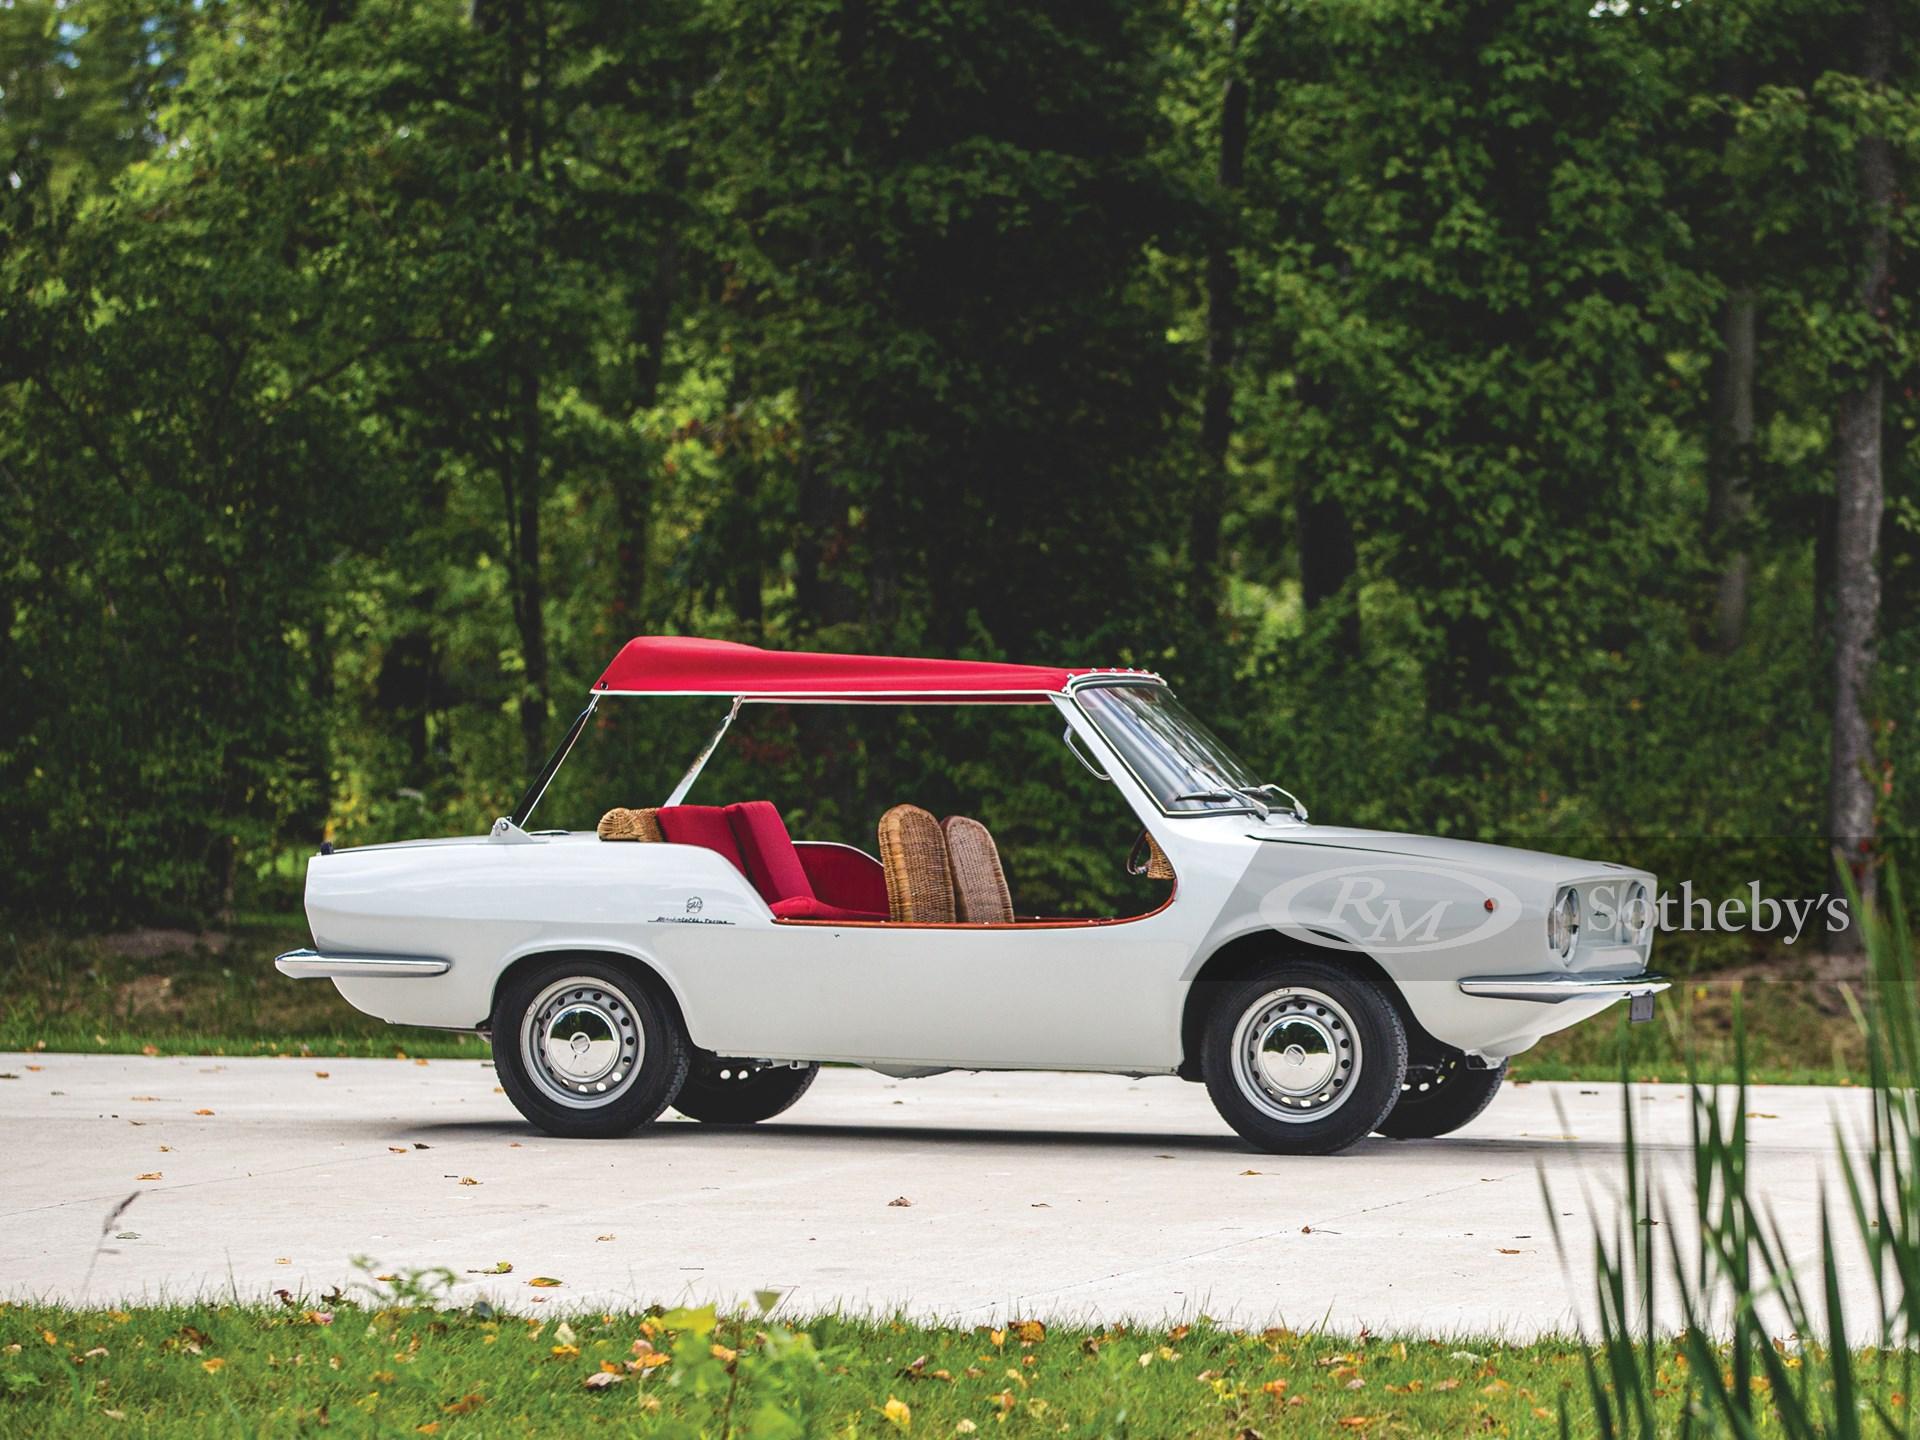 1970 Fiat 850 Spiaggetta by Michelotti -